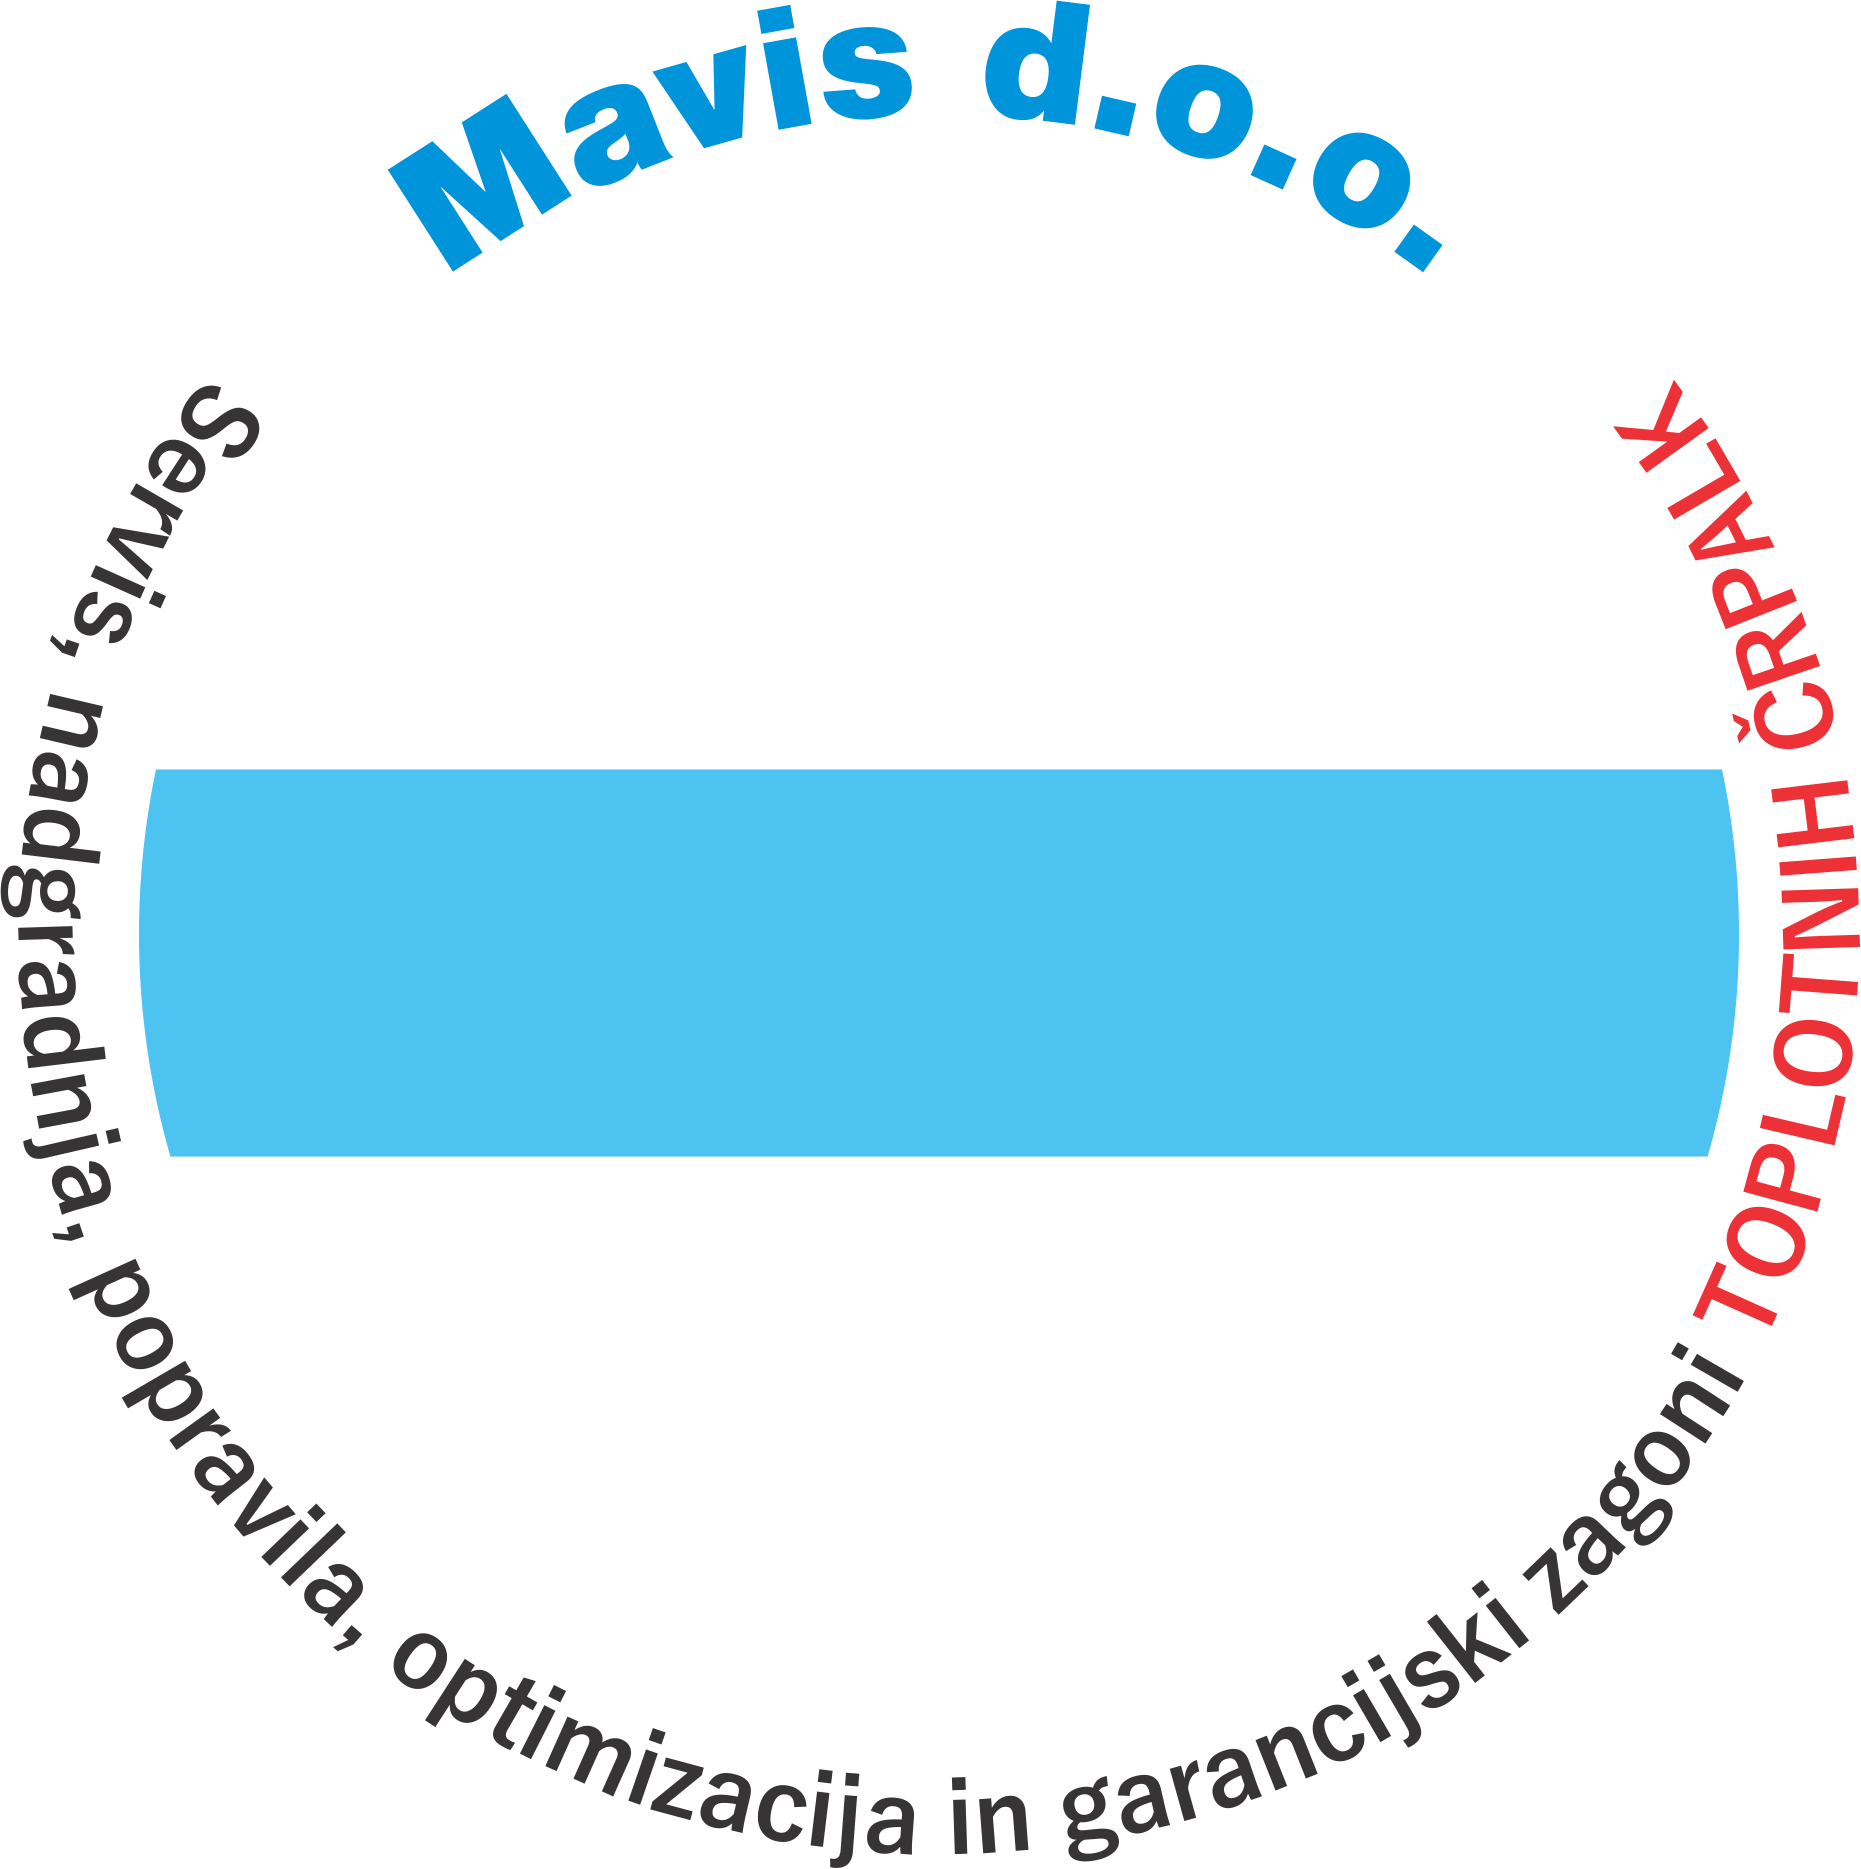 Osnovni zapis: Mavis d.o.o. Servis, nadgradnja, popravila, optimizacija in garancijski zagoni TOPLOTNIH ČRPALK.